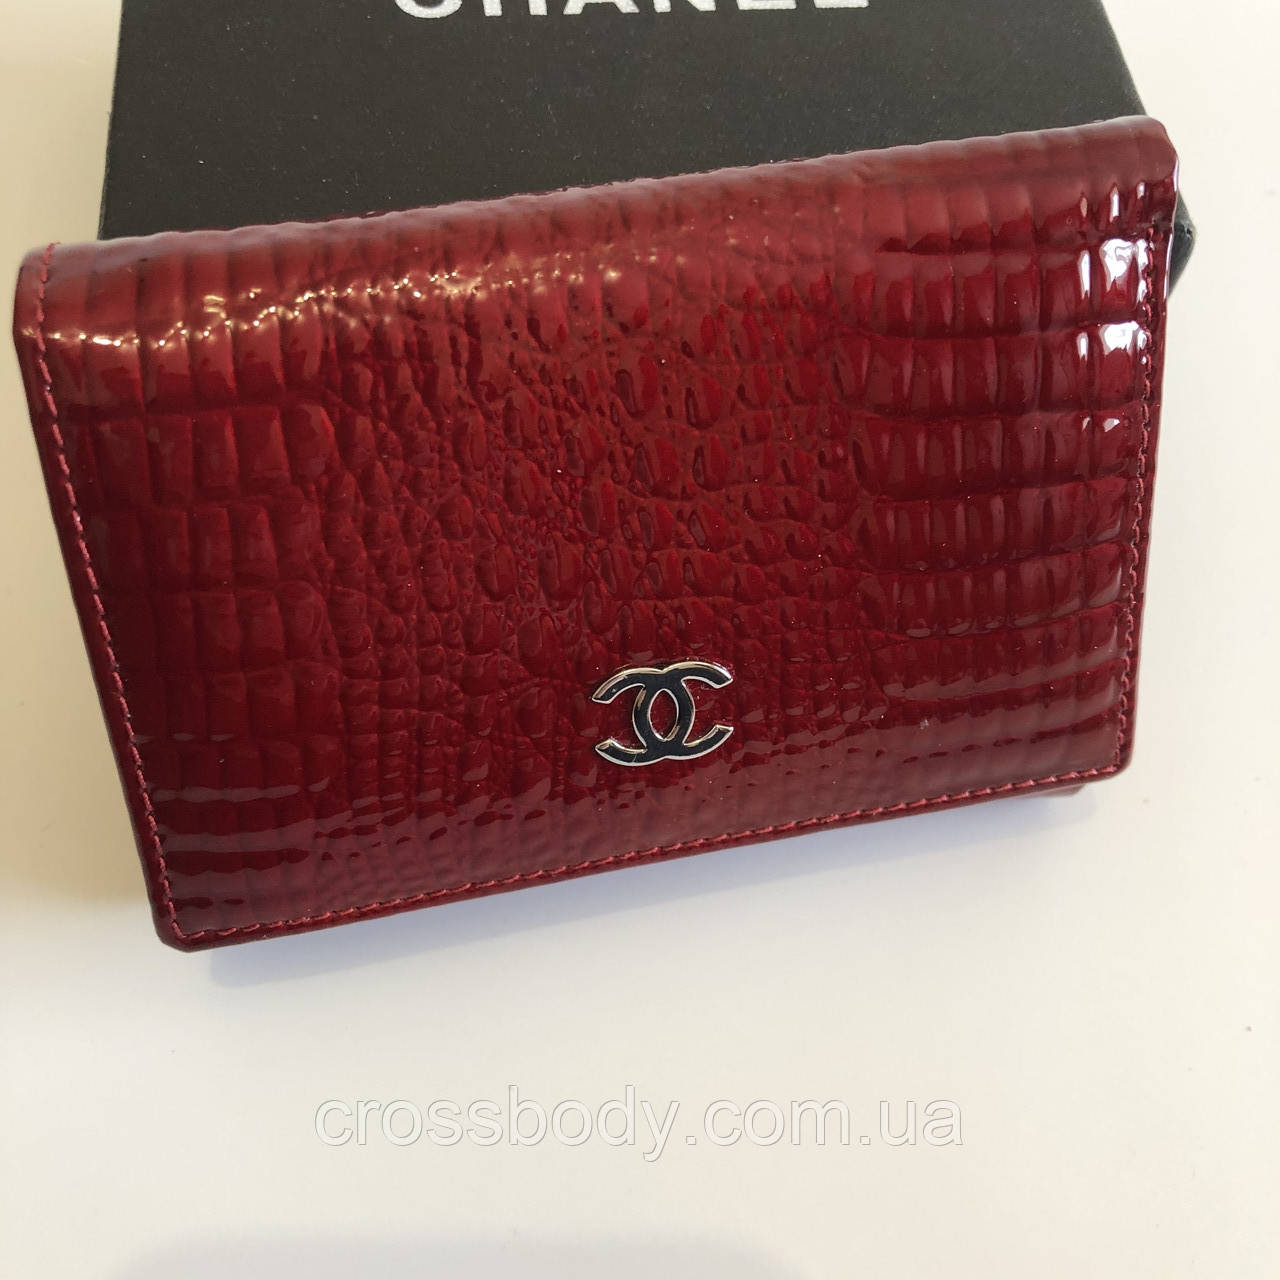 Женский кошелек кожа Chanel 052B